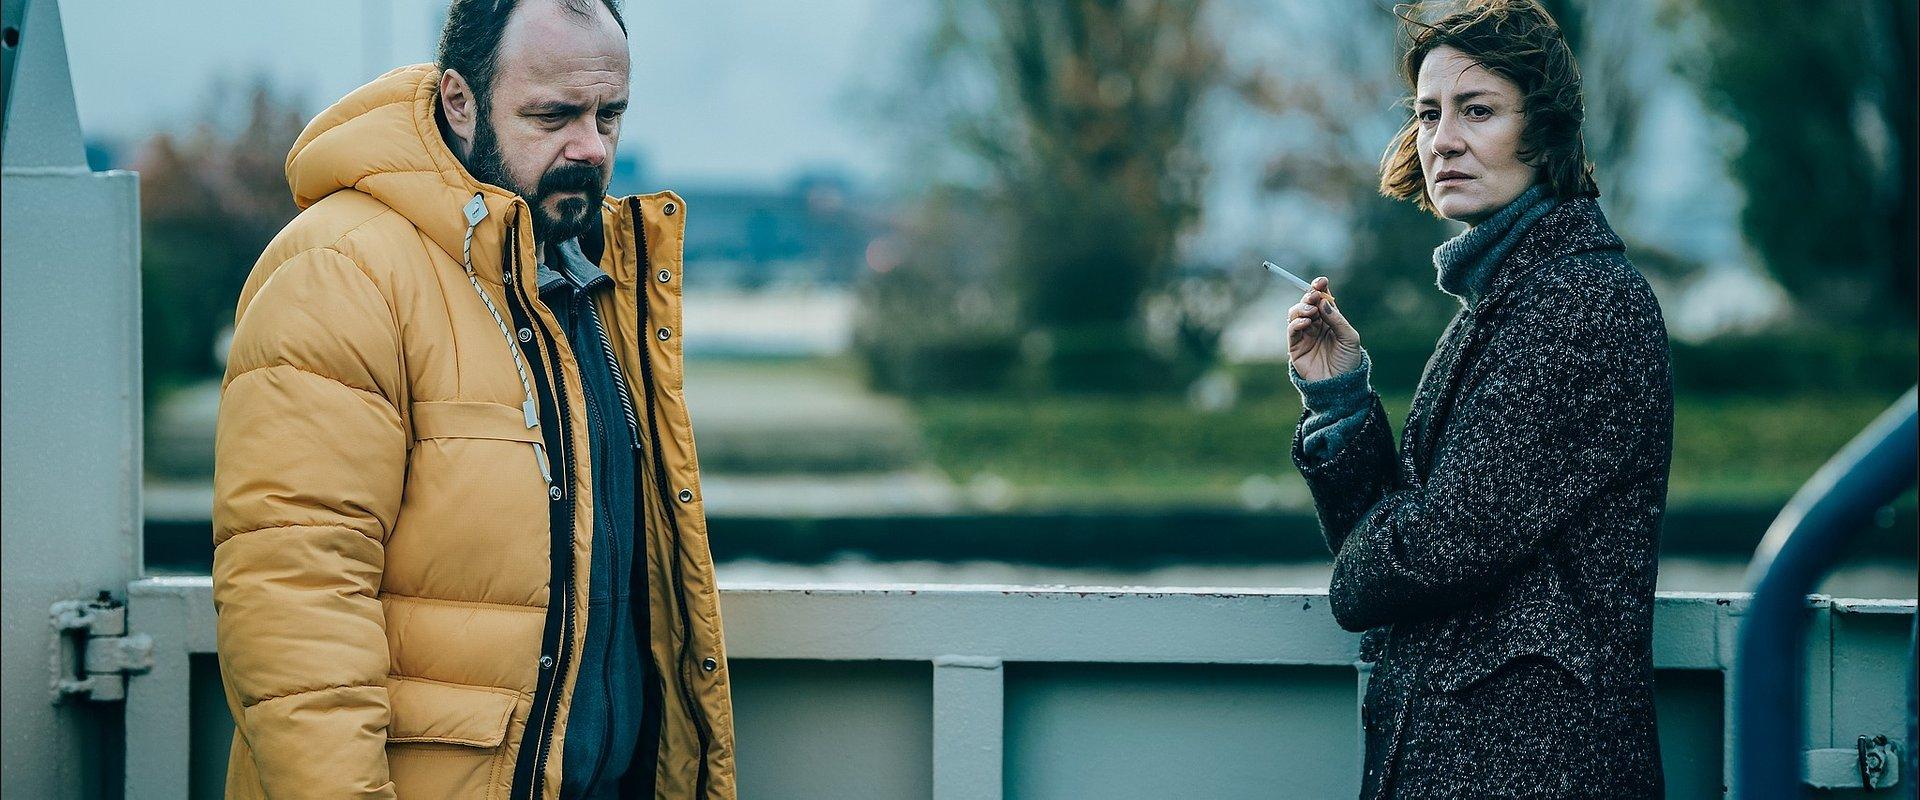 CANAL+ prezentuje bohaterów serialu KLANGOR: Arkadiusz Jakubik jako Rafał Wejman i Maja Ostaszewska jako Magda Wejman.